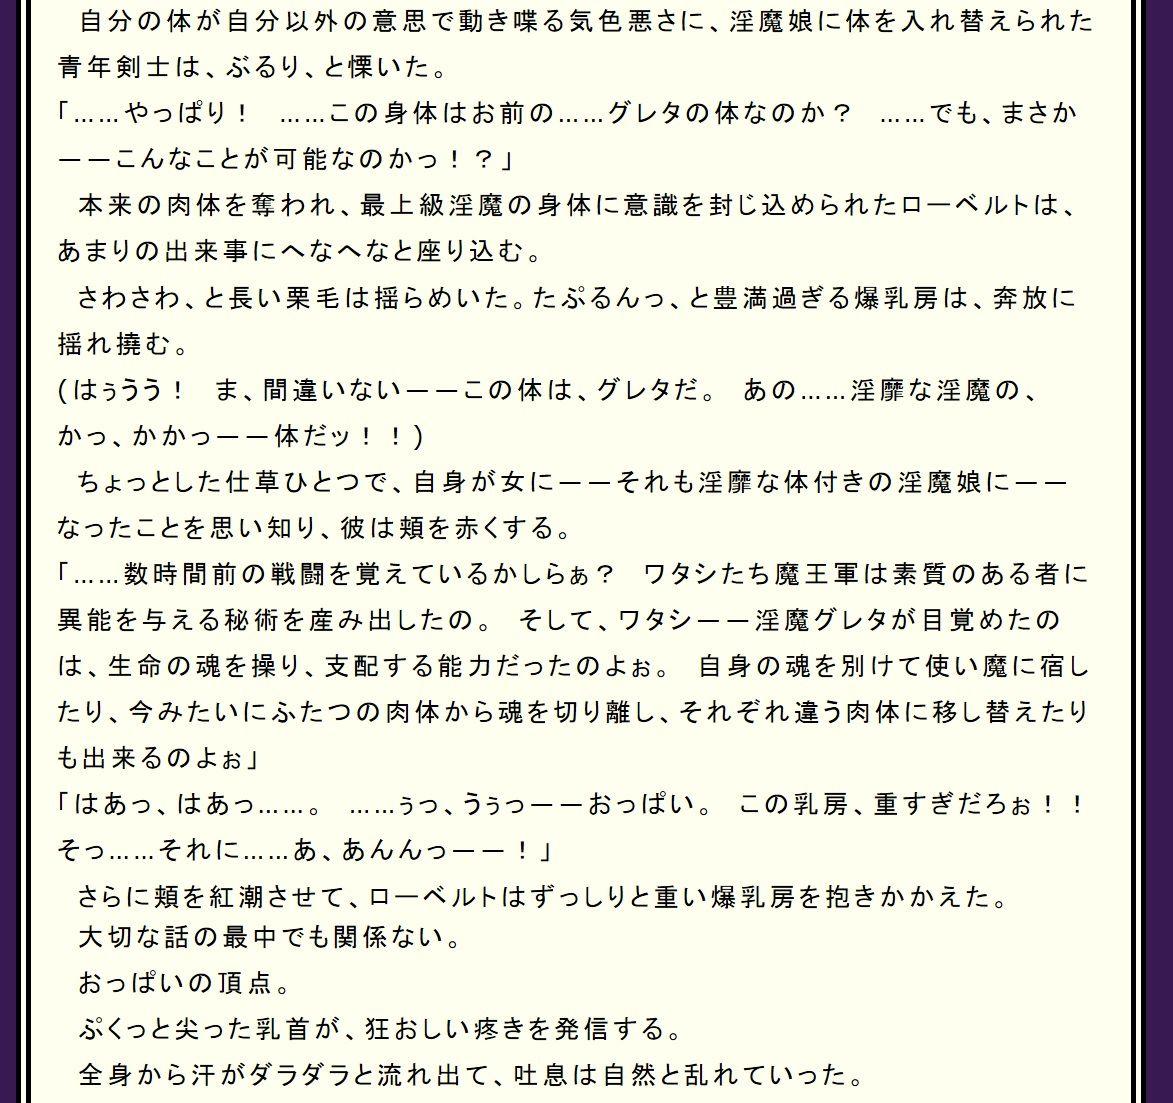 【魔王 同人】我ら魔王軍~モン娘たちの反撃!!~